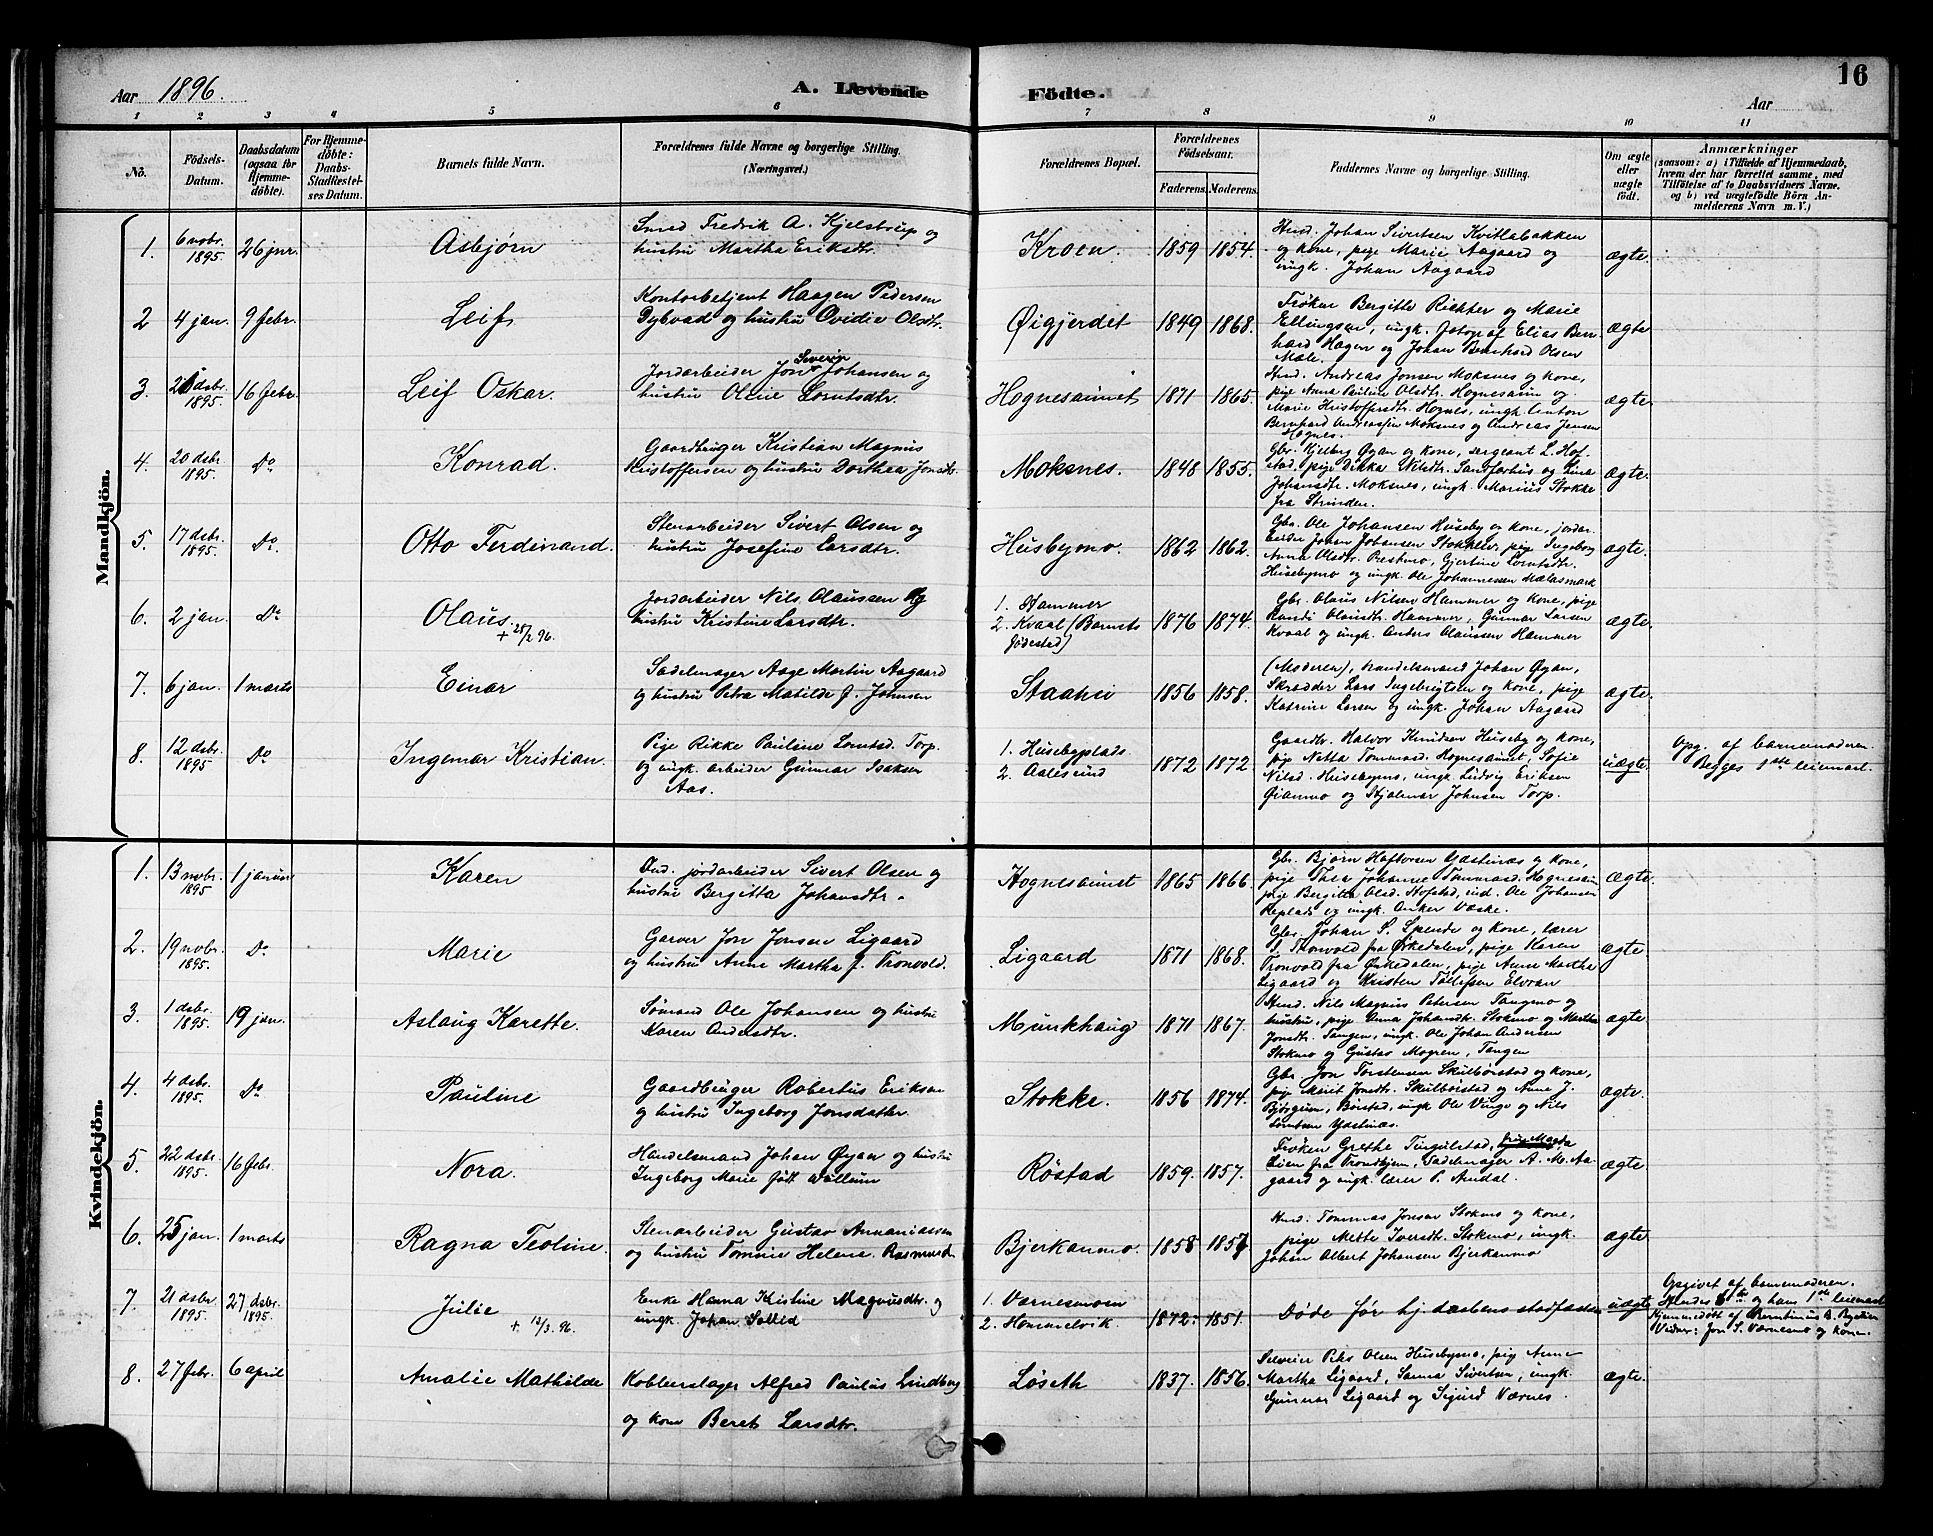 SAT, Ministerialprotokoller, klokkerbøker og fødselsregistre - Nord-Trøndelag, 709/L0087: Klokkerbok nr. 709C01, 1892-1913, s. 16